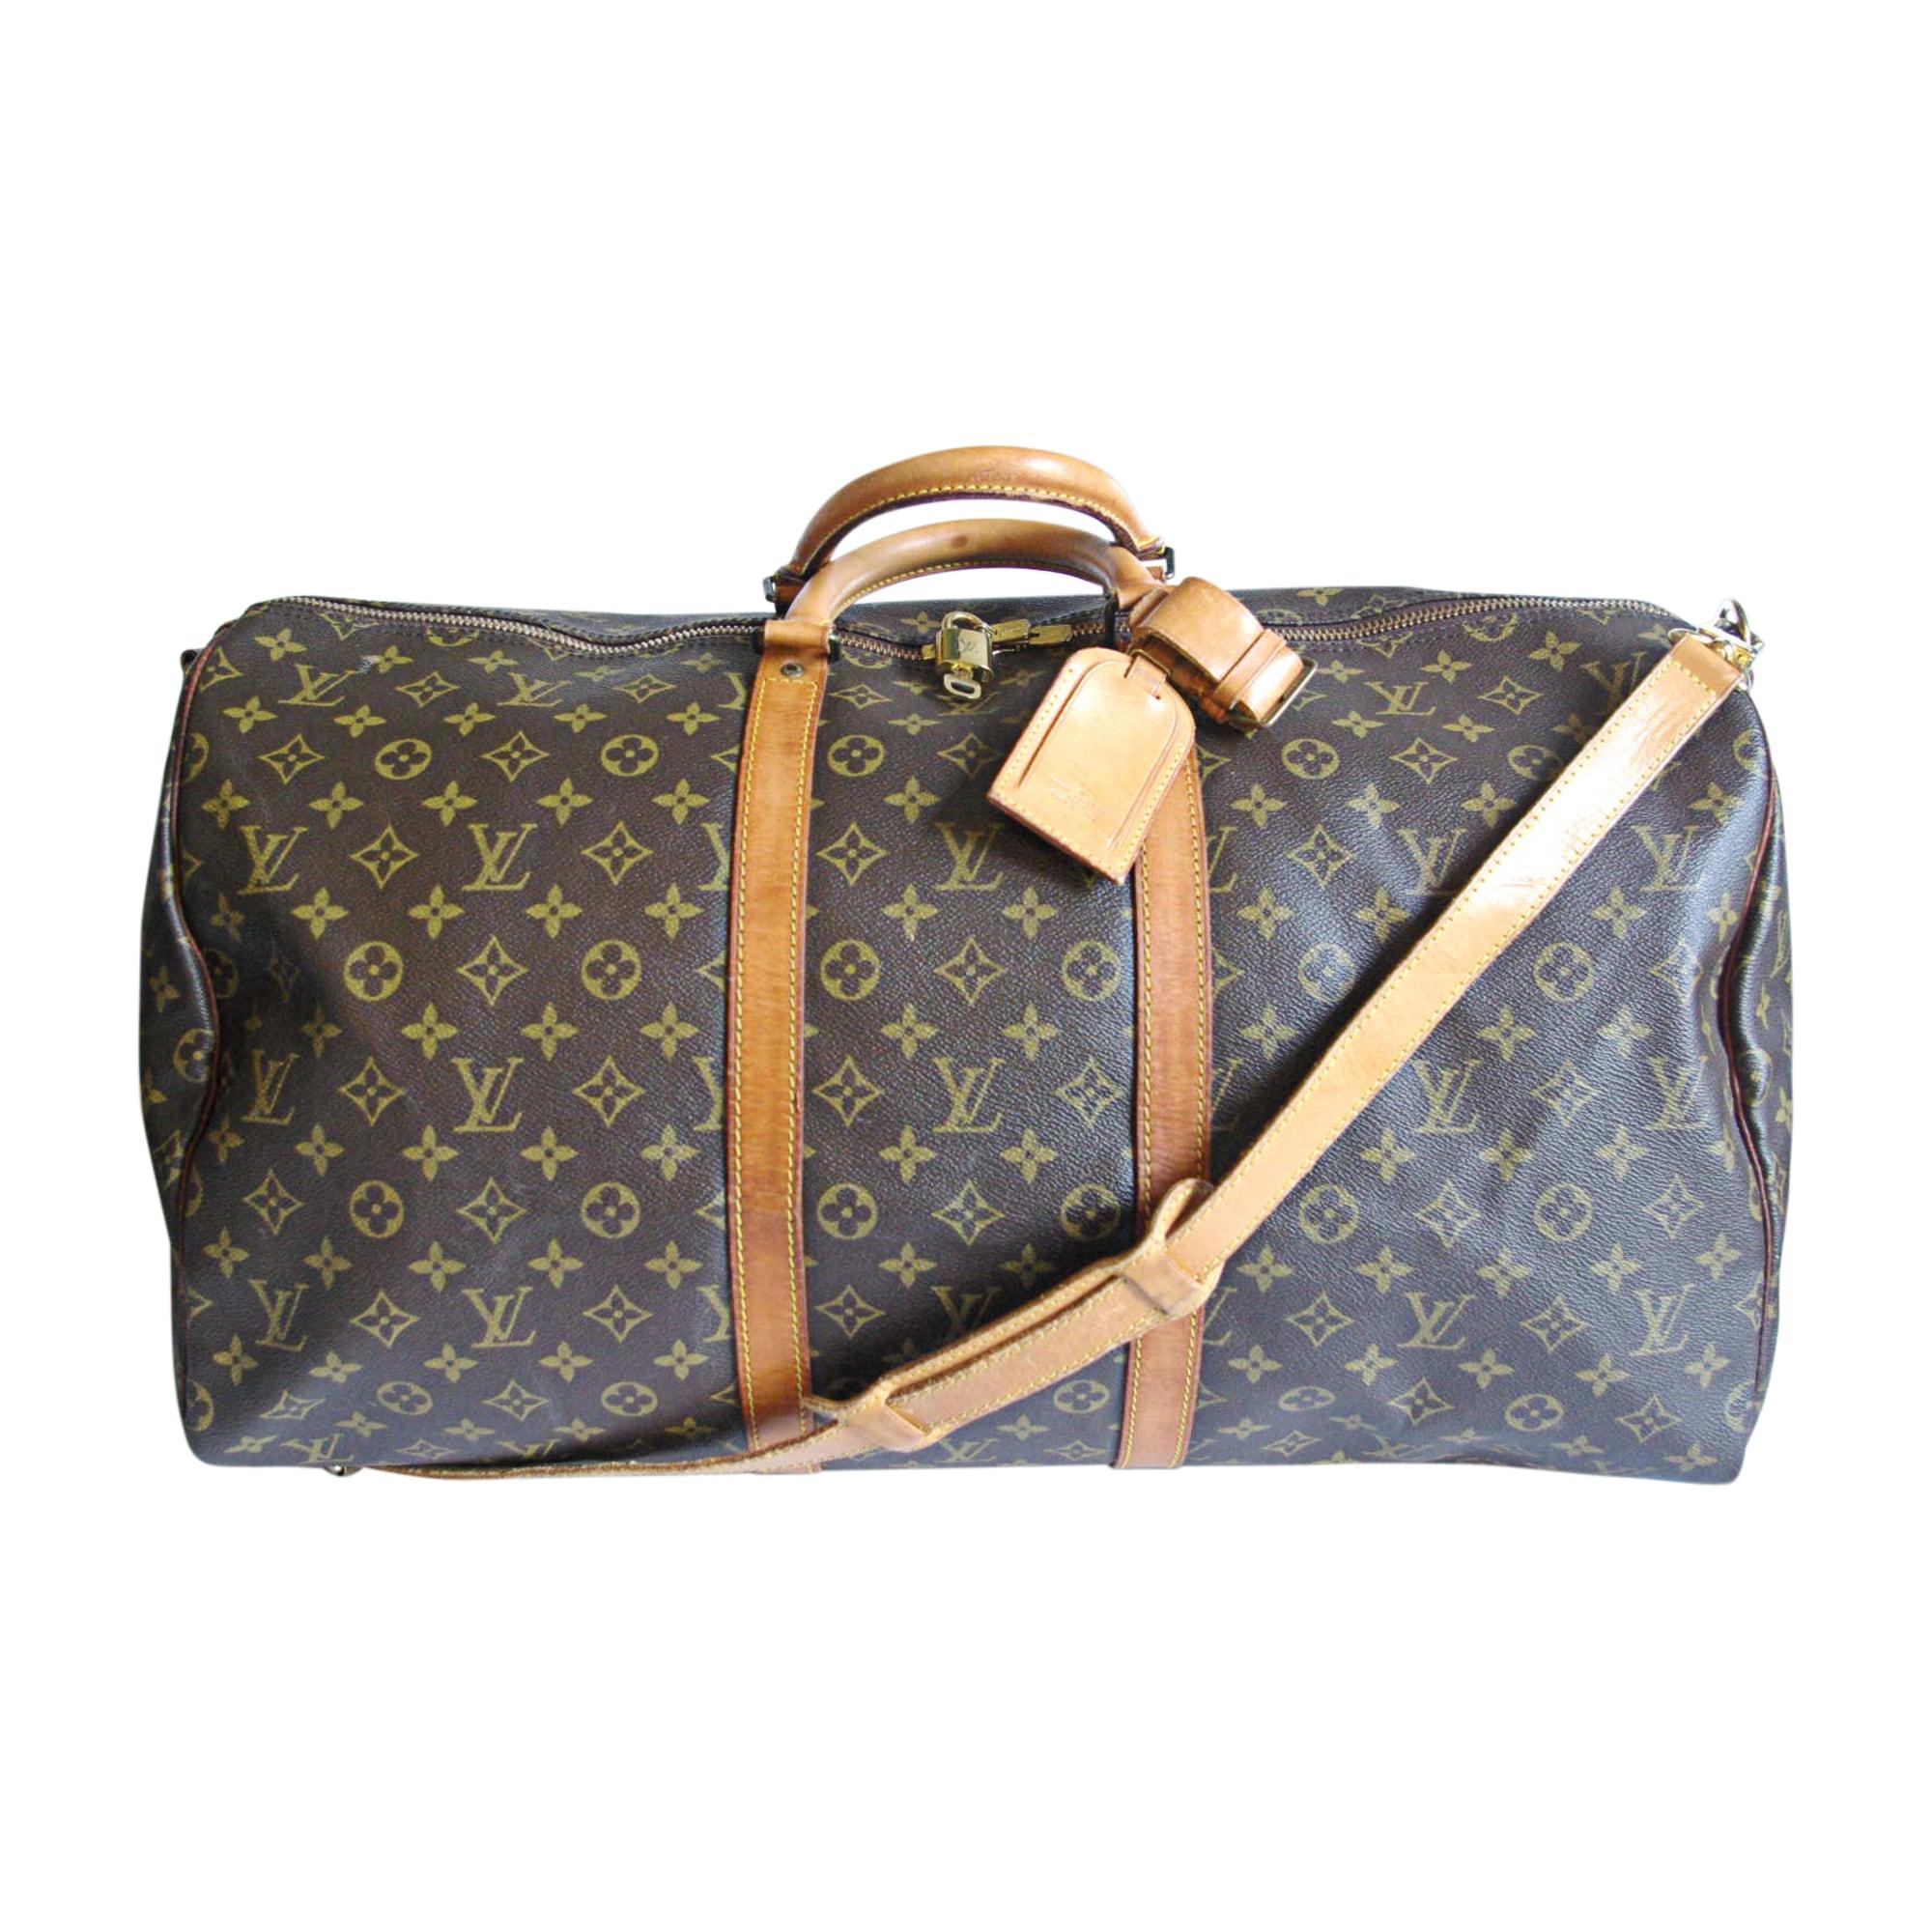 Sac XL en cuir LOUIS VUITTON keepall marron vendu par L-comme-luxe ... 500eb73435a